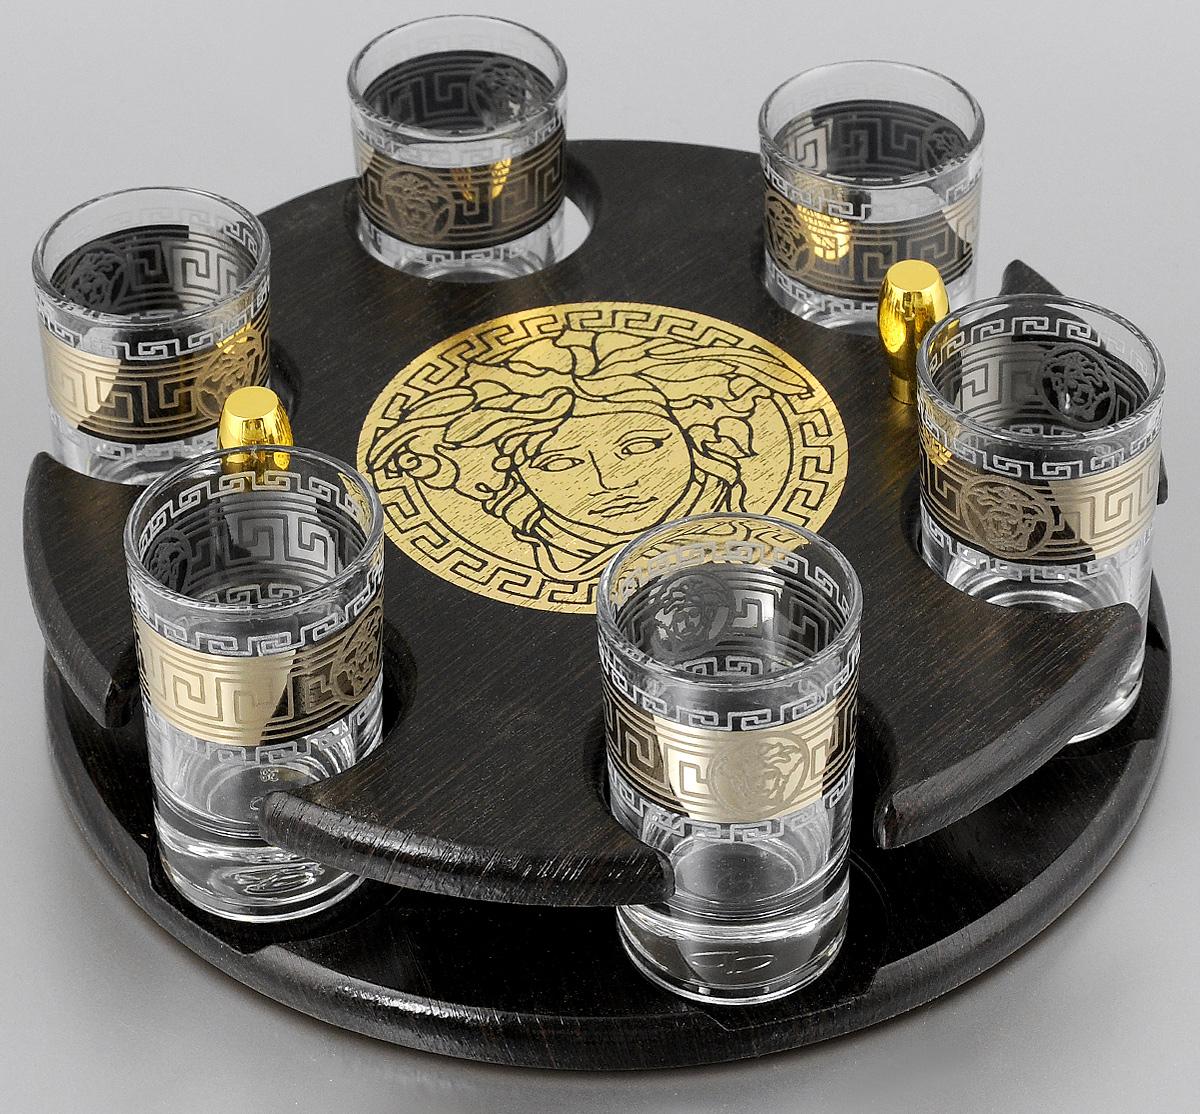 Набор стопок Мусатов Версаче, на подставке, 7 предметов03-112Набор Мусатов Версаче состоит из 6 стопок и деревянной подставки. Стопки, изготовленные из высококачественного натрий-кальций-силикатного стекла, оформлены красивым зеркальным покрытием и оригинальным орнаментом. Такой набор прекрасно дополнит праздничный стол и станет желанным подарком в любом доме. Стопки разрешается мыть в посудомоечной машине. Диаметр стопки: 4,5 см. Высота стопки: 6,9 см. Диаметр подставки: 21,5 см. Высота подставки: 5 см.